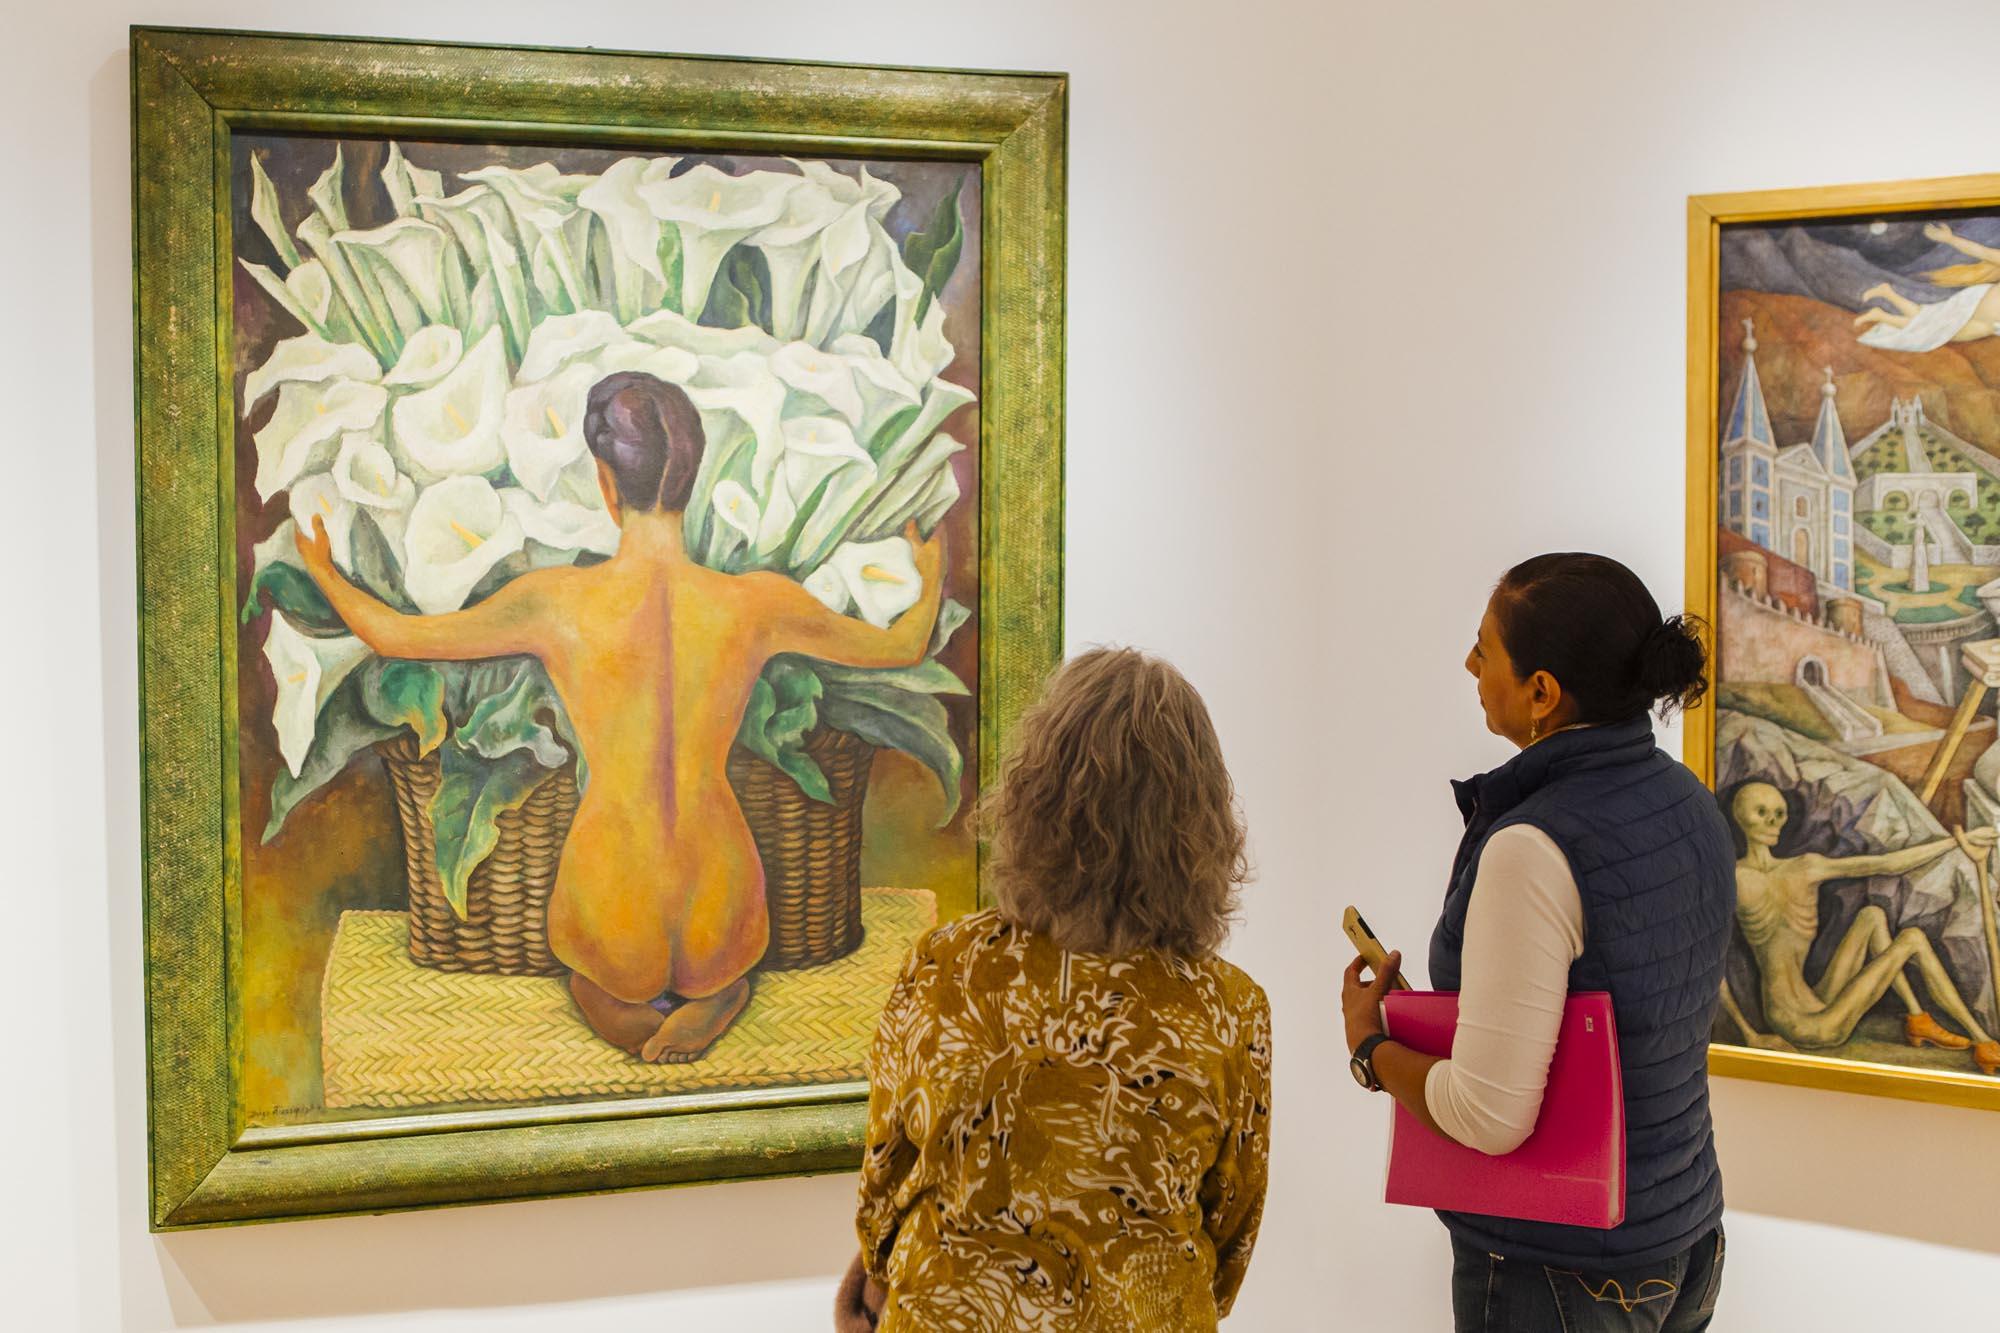 'Desnudo con alcatraces' (1944), óleo sobre masonite, obra del afamado Diego Rivera, en la última sala de la exposición Tres siglos de pintura.